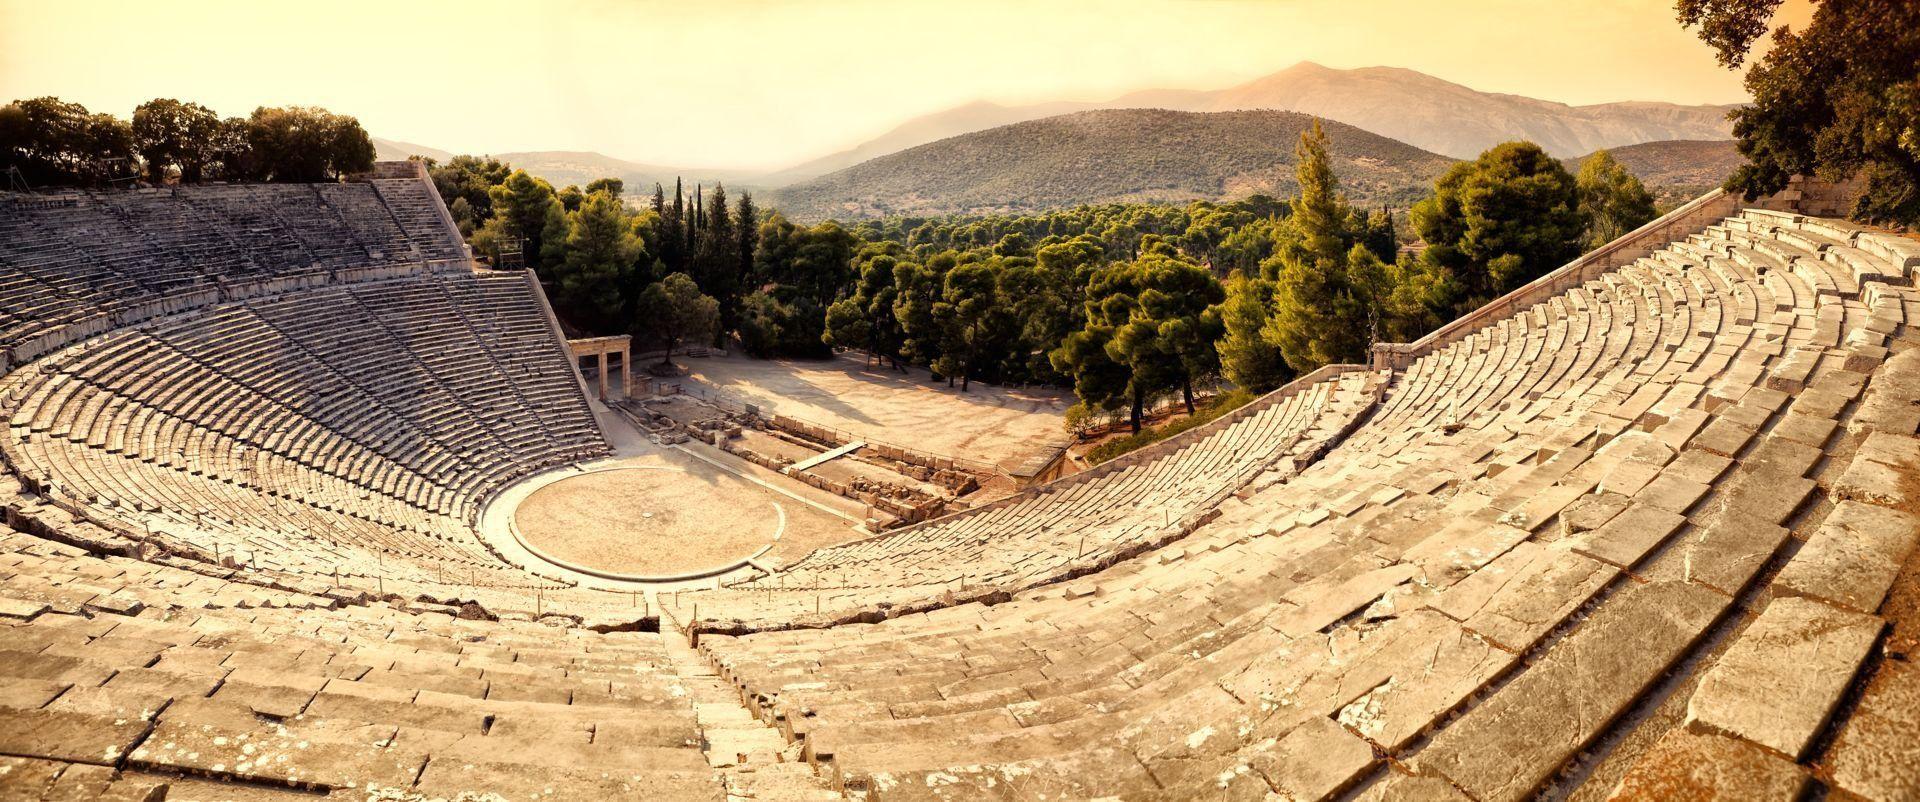 epidaurus-theatre-original